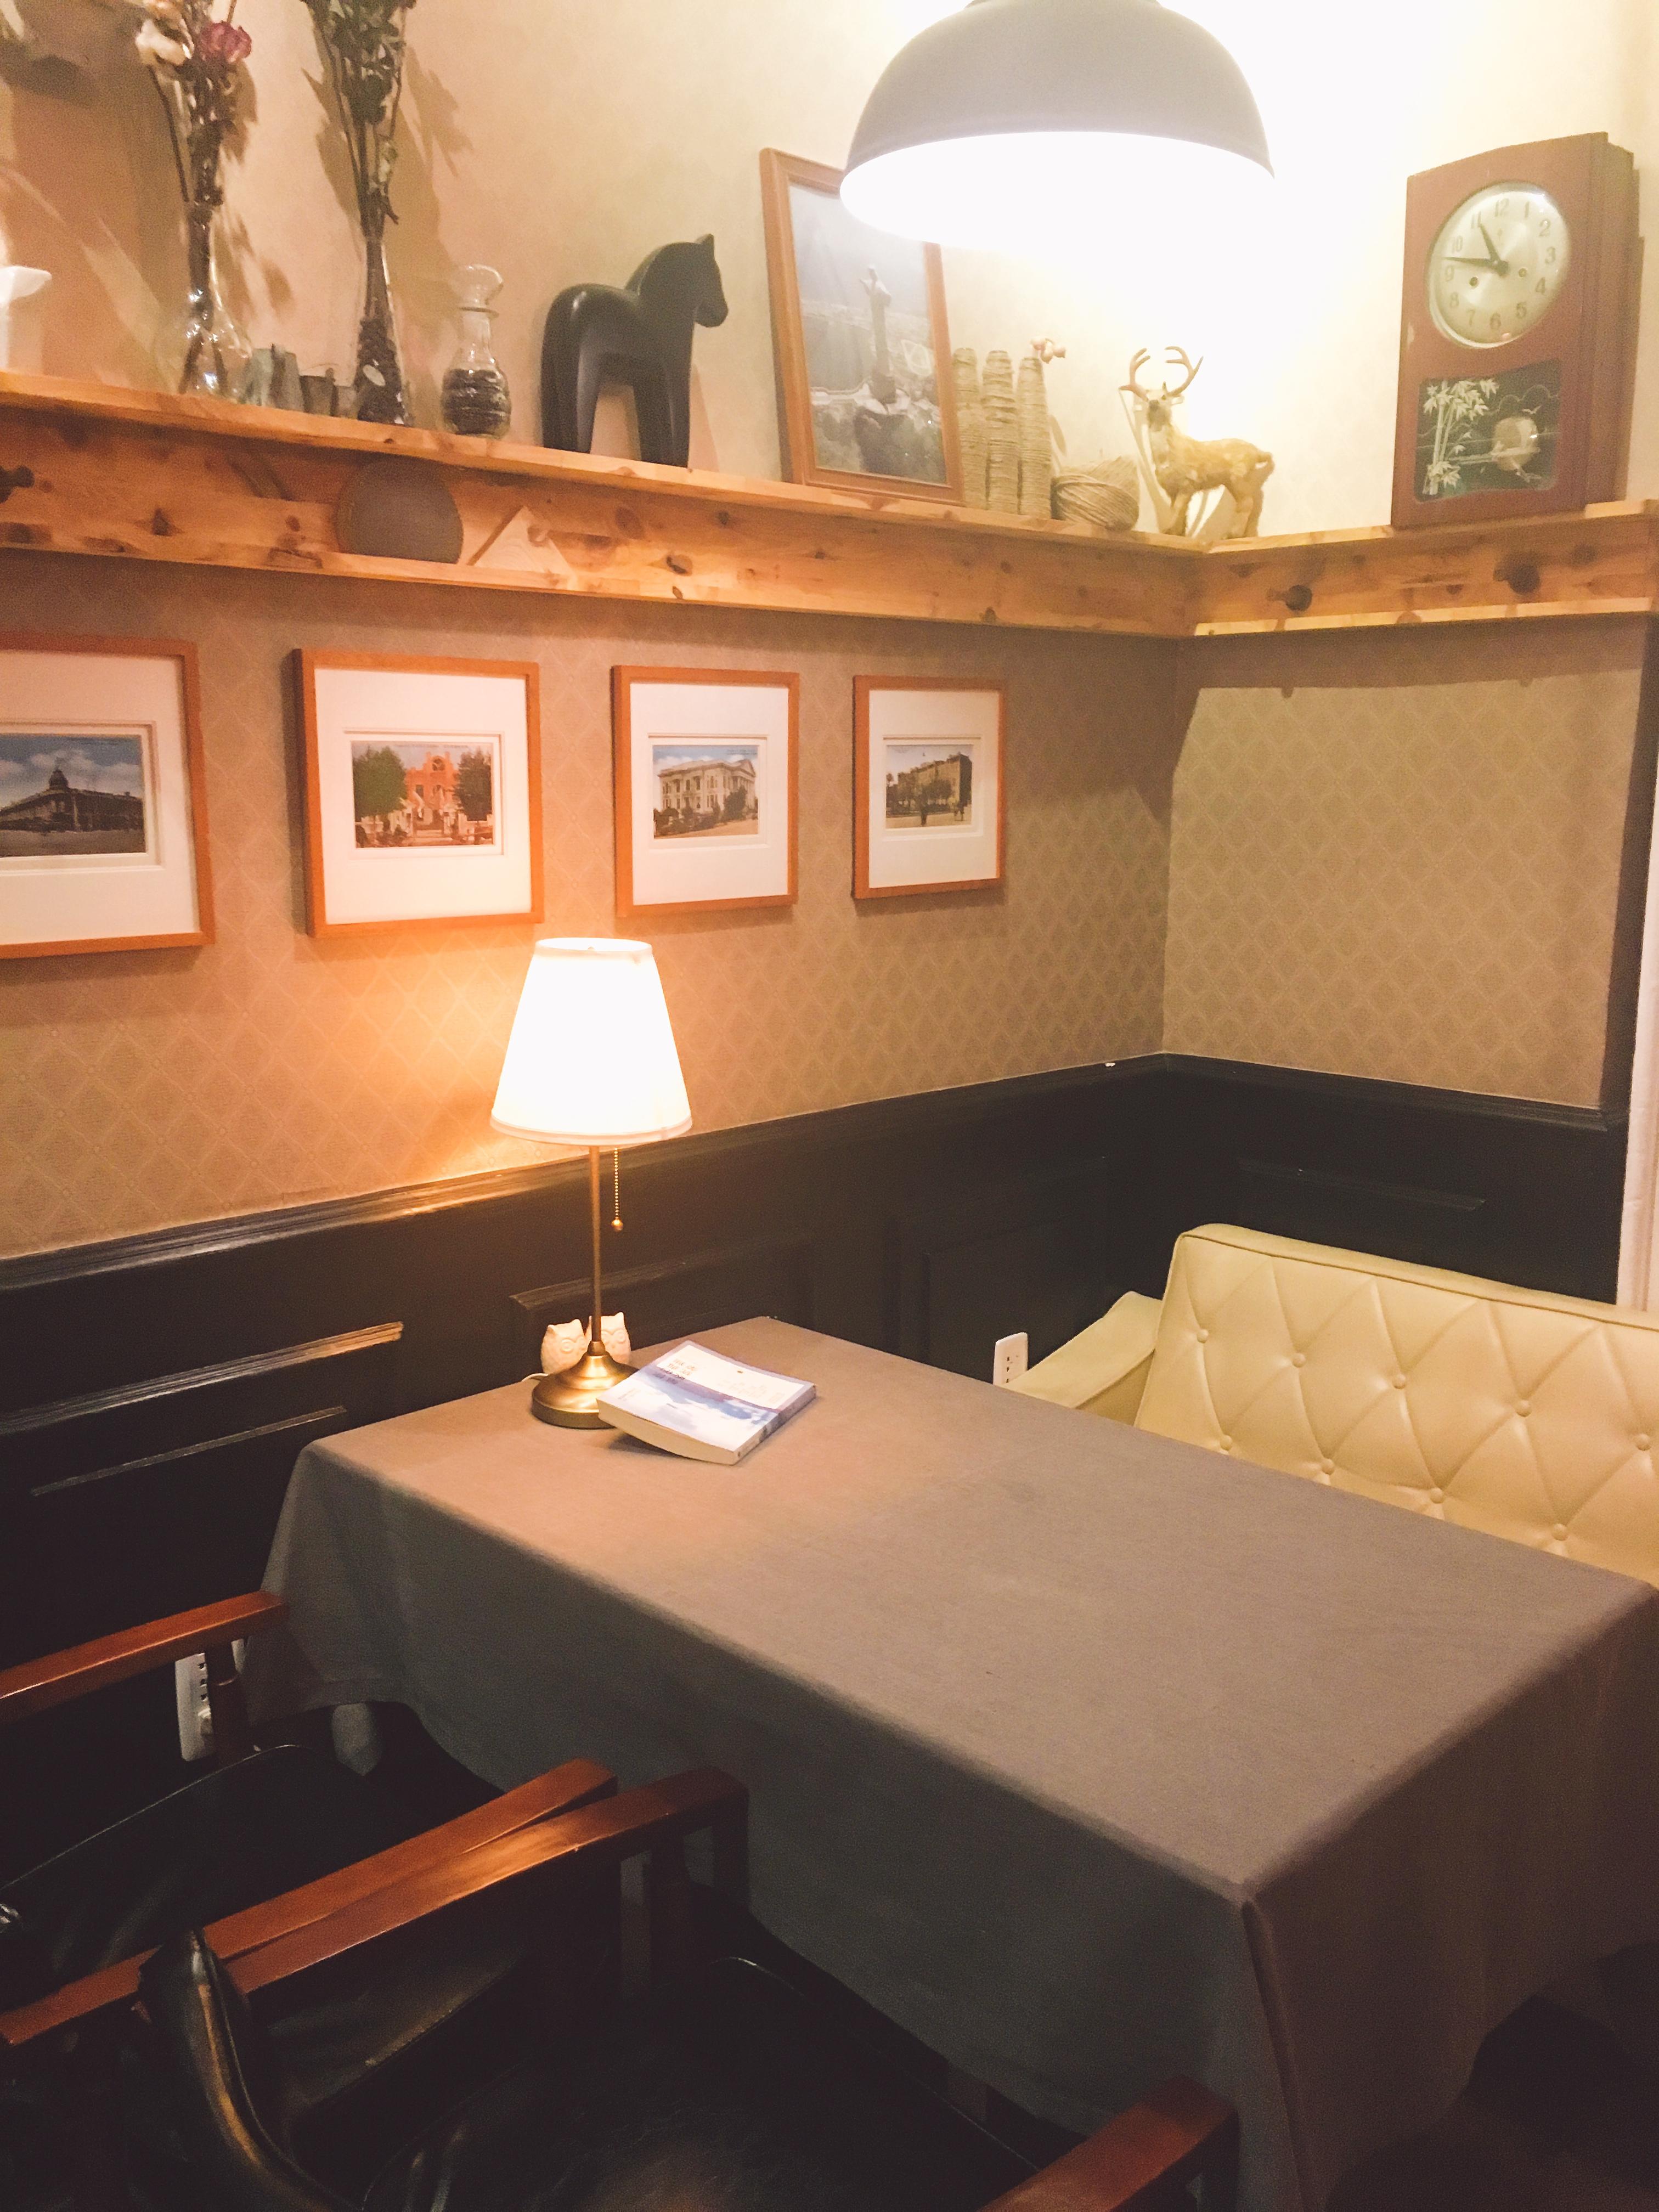 鹿鱼咖啡馆